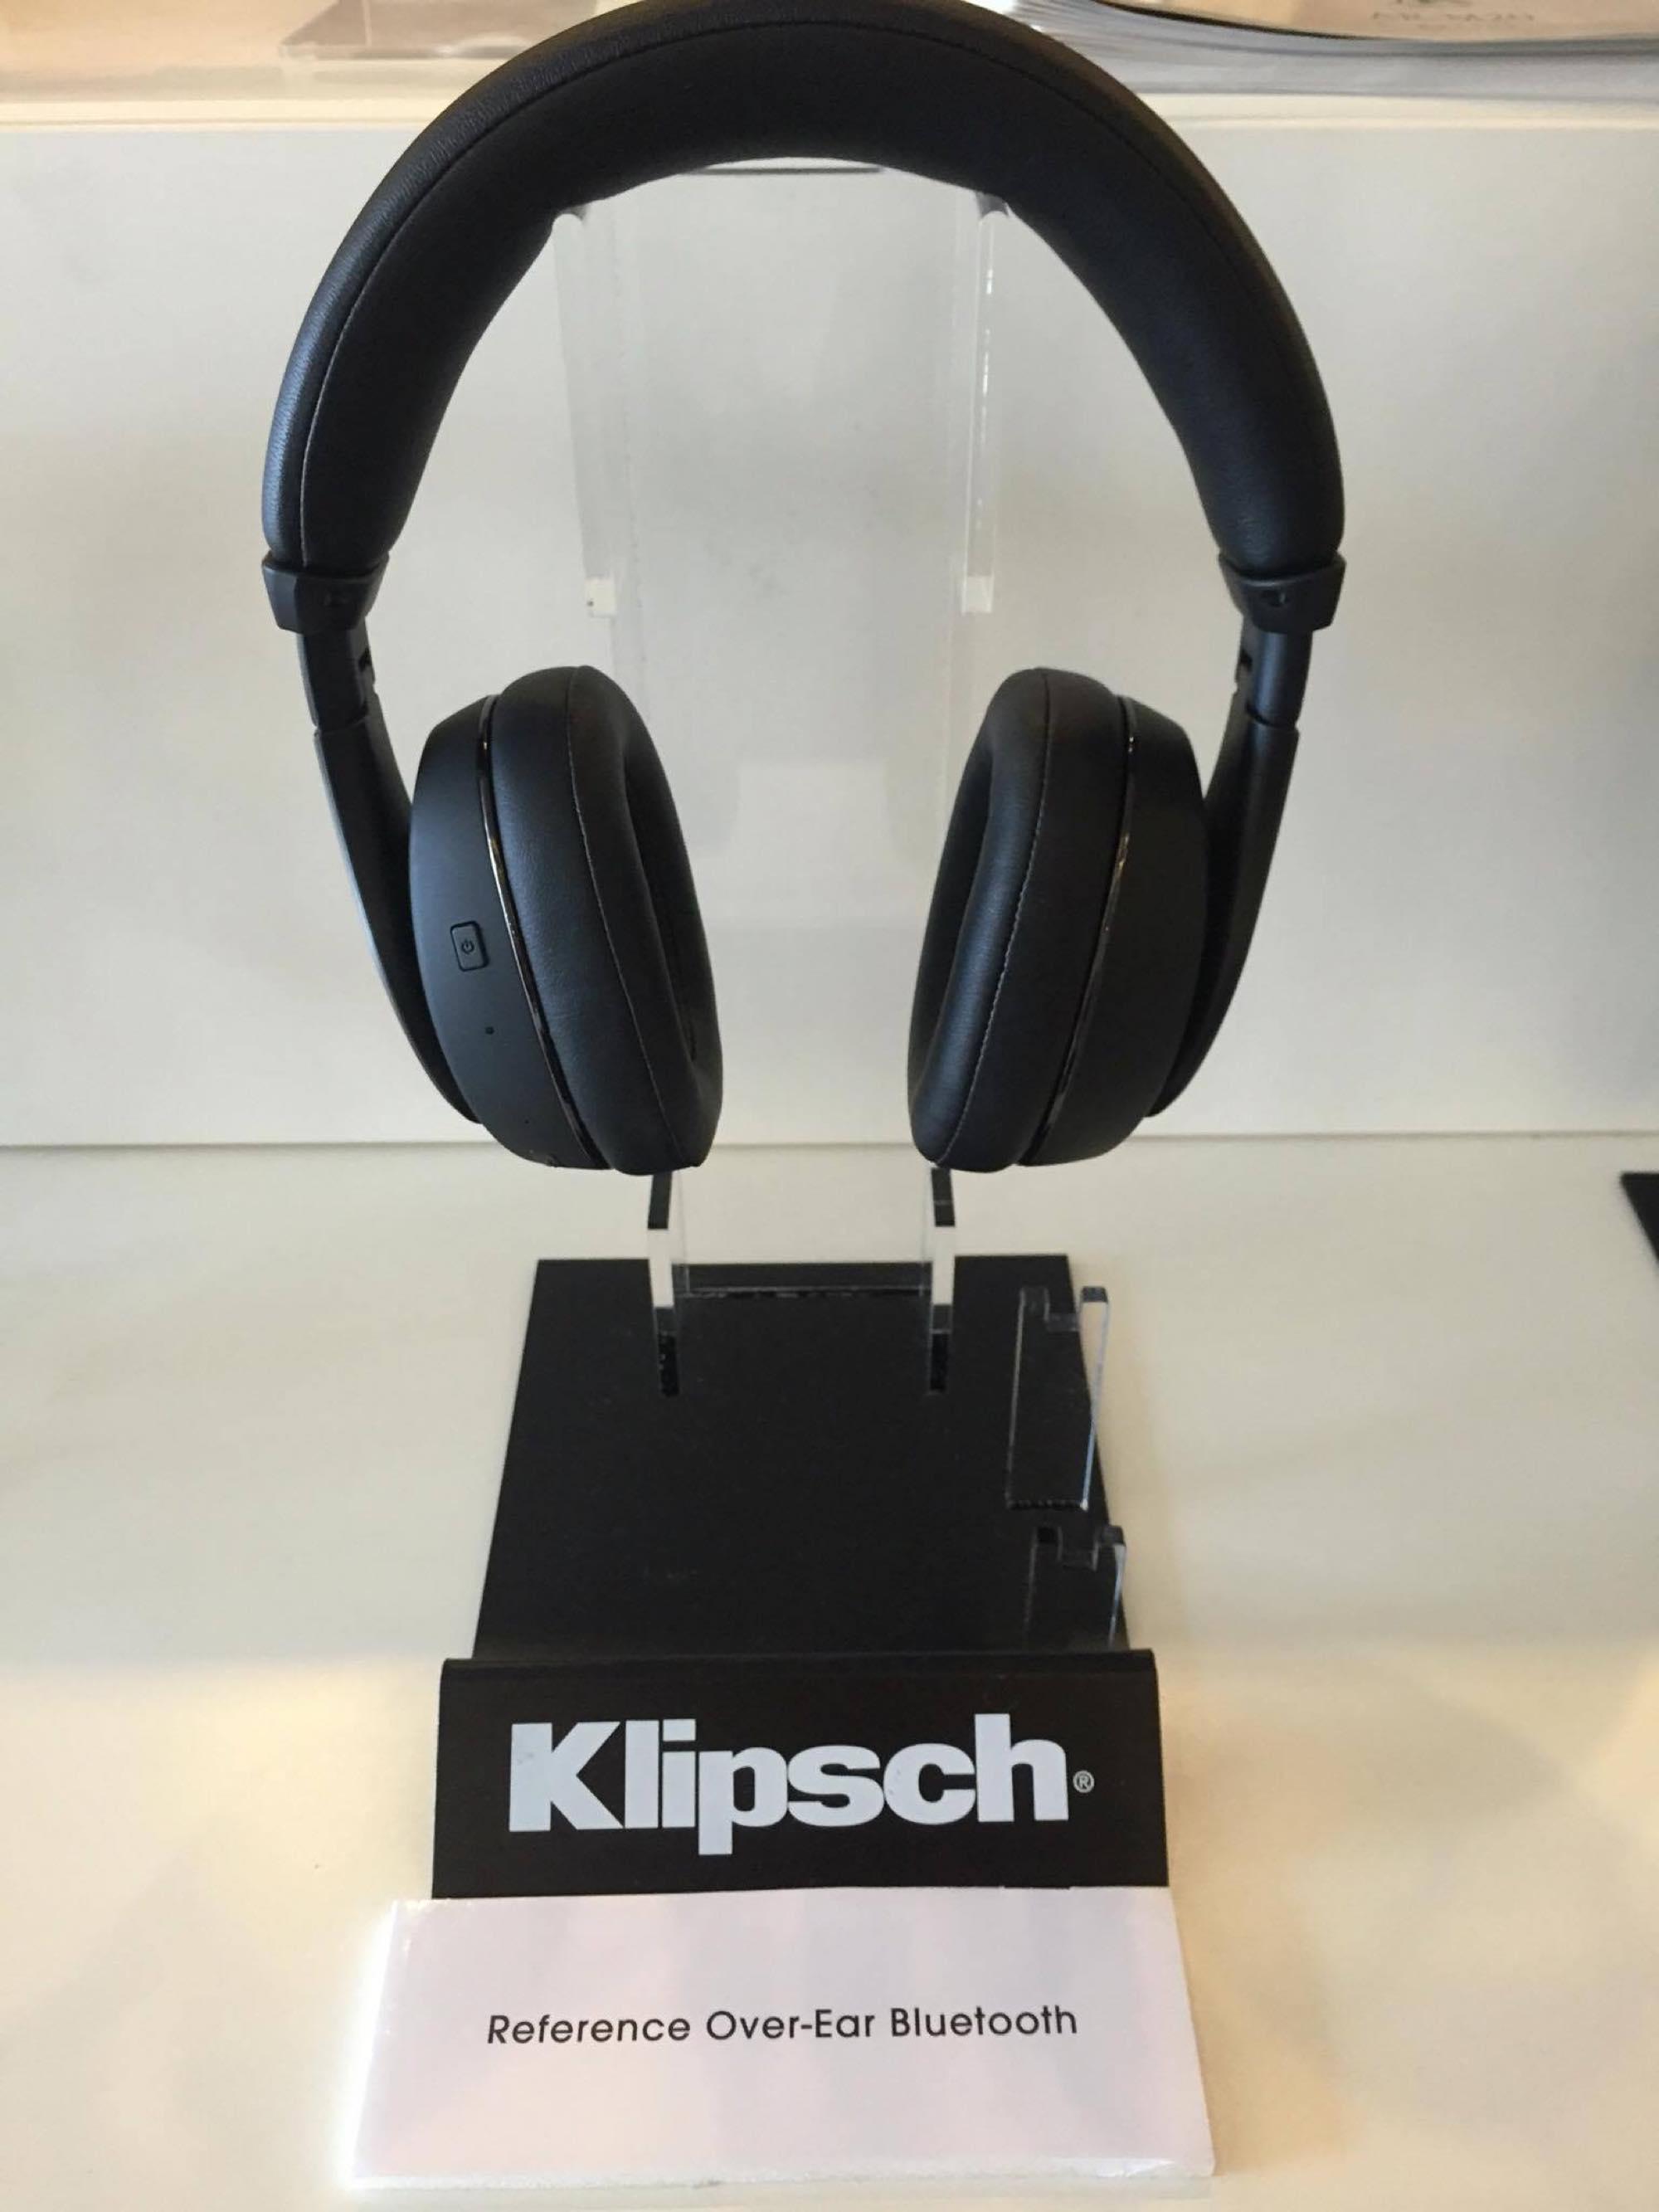 klipsch-headphone5